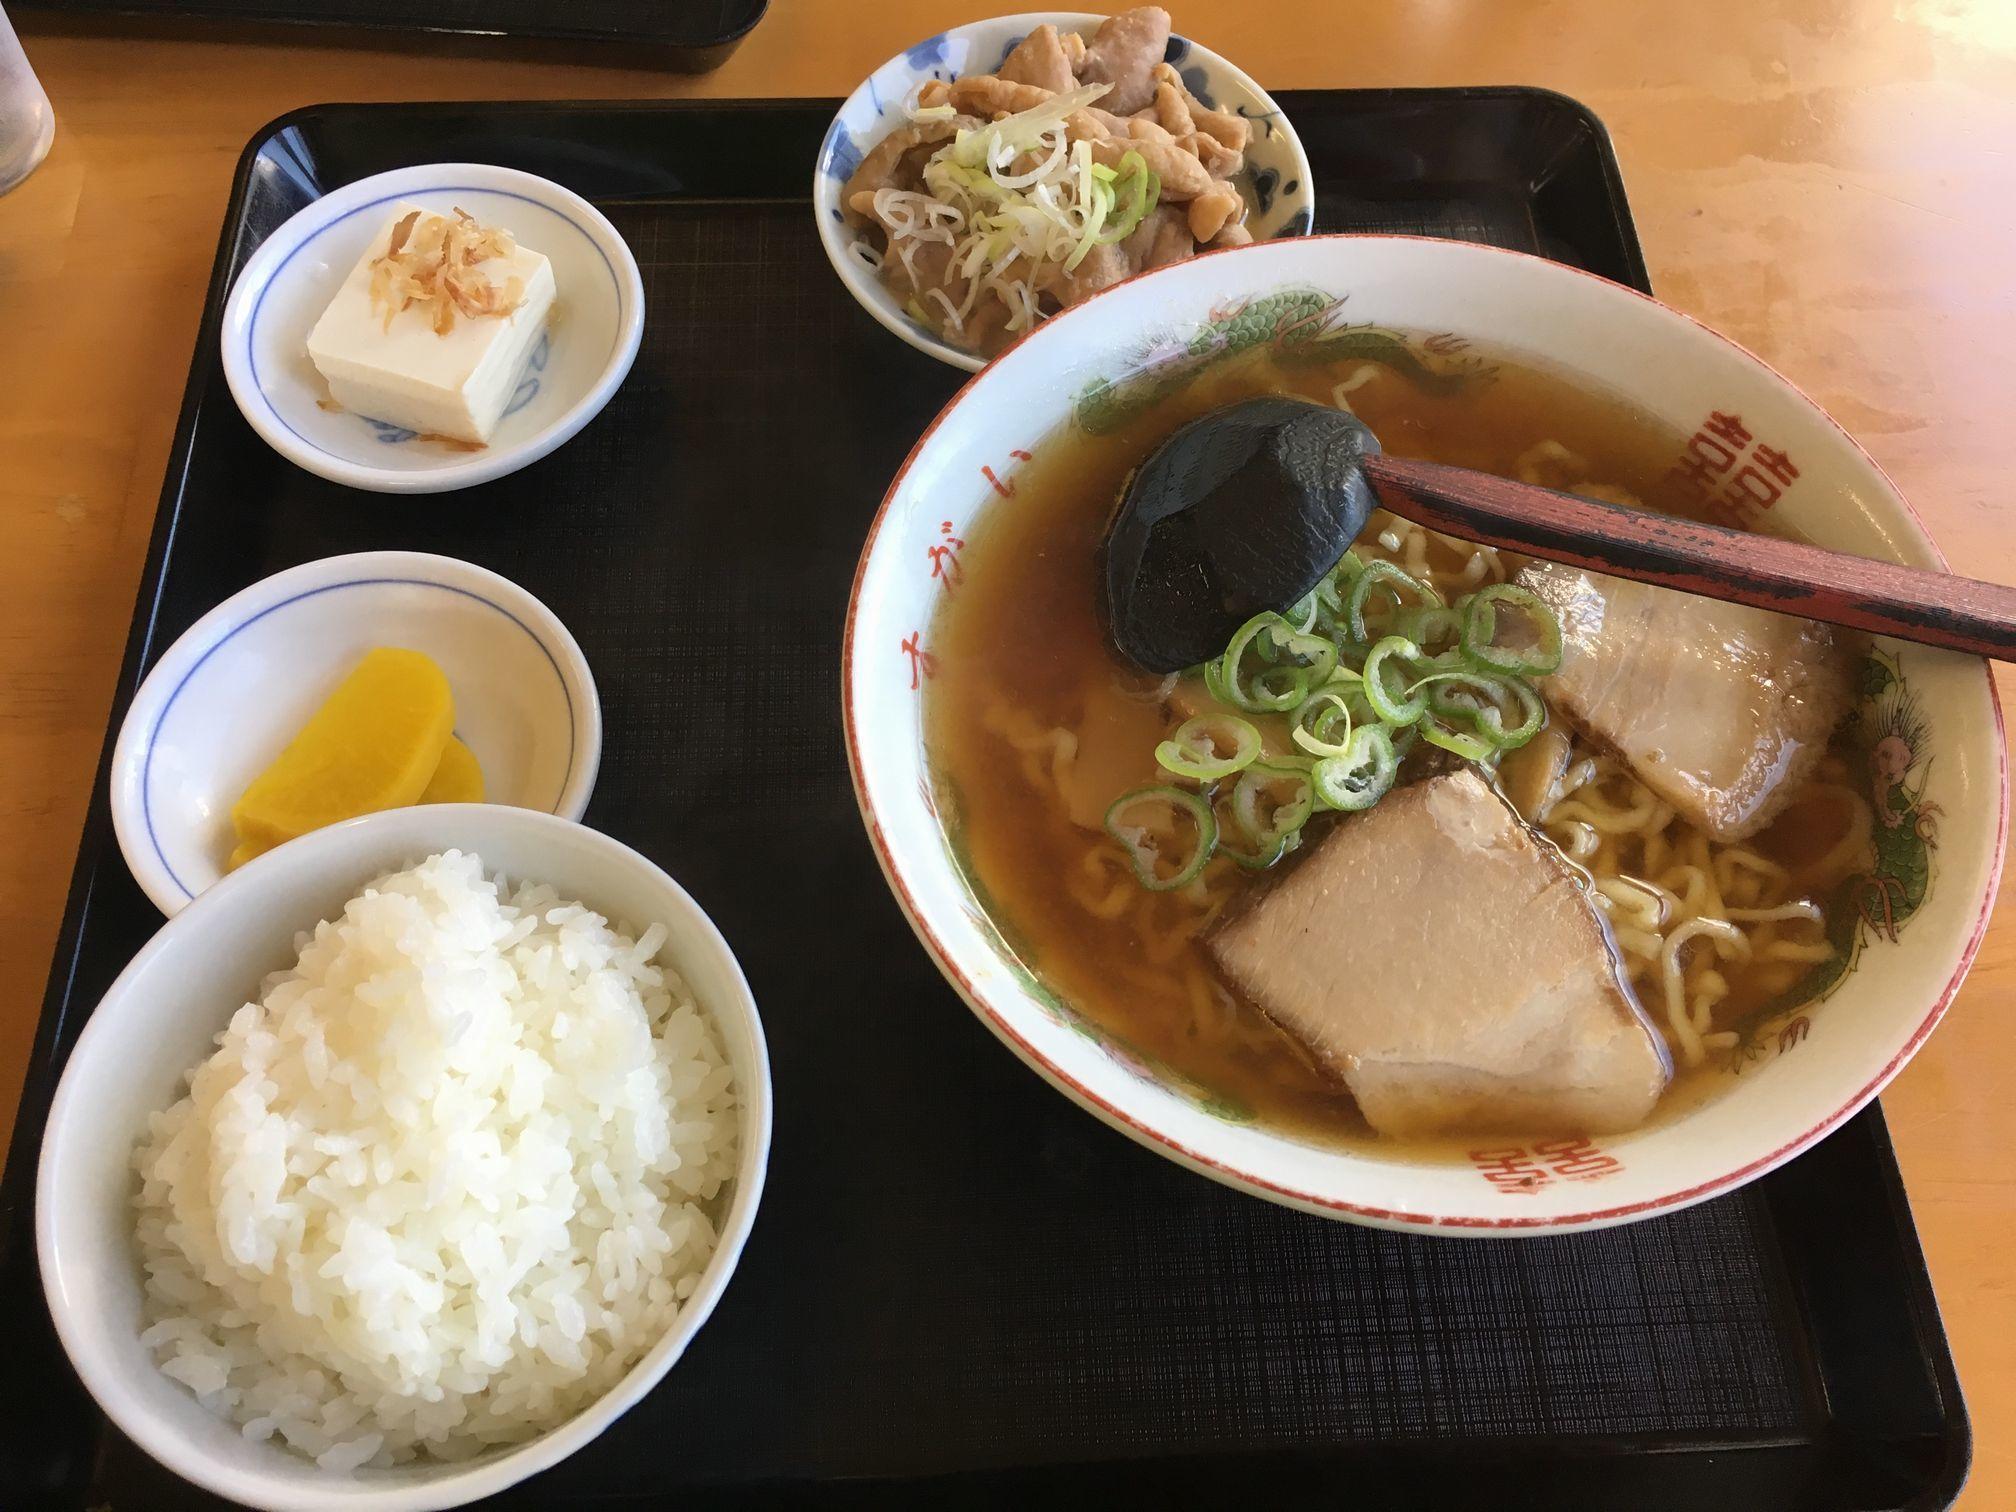 んまいもんシリーズ 2017年秋 宮城~福島旅行編_f0128542_02403475.jpg